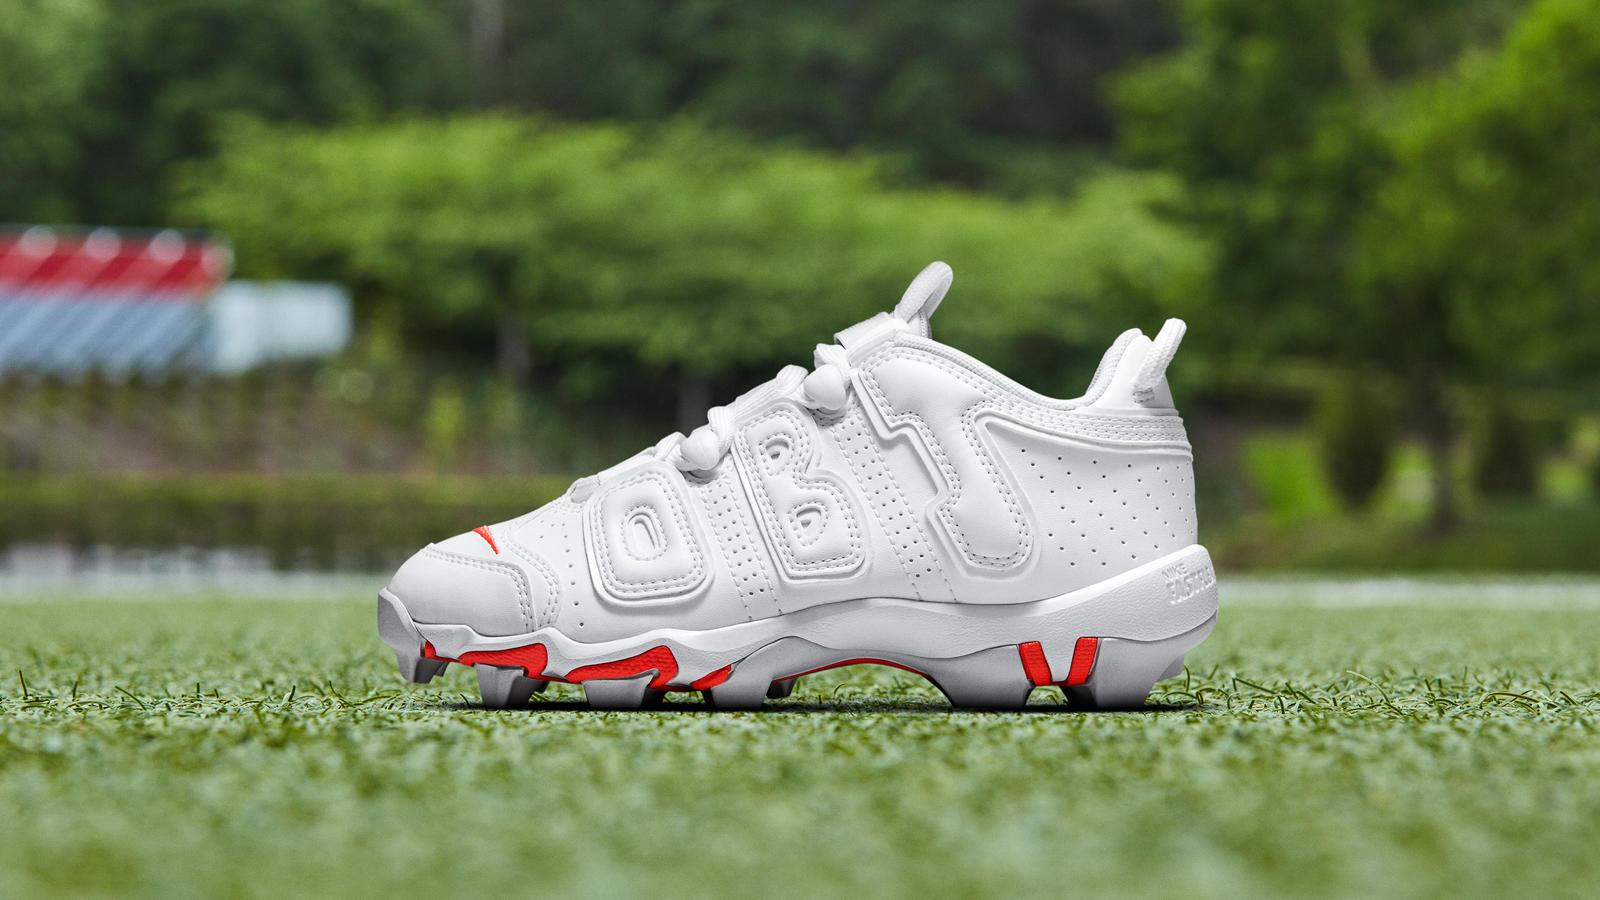 Nike Vapor Untouchable Pro 3 OBJ Uptempo Cleat  5